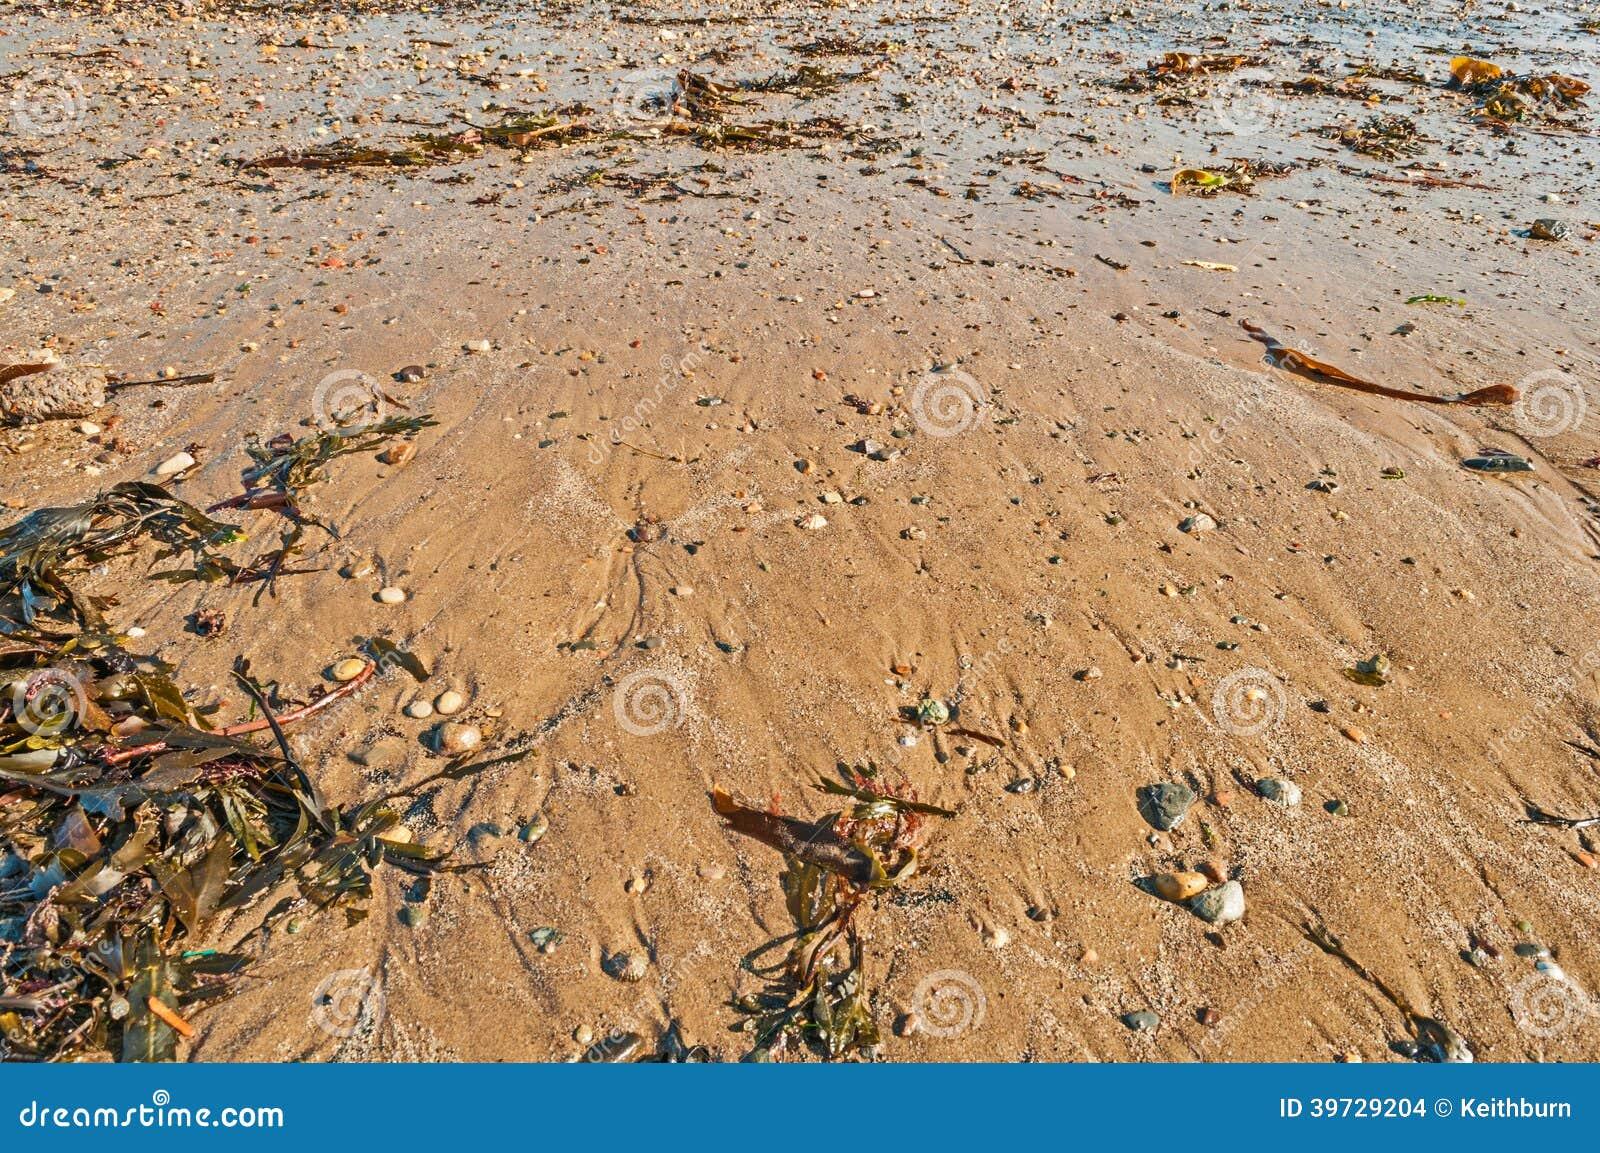 Прилив подмел пляж с раковинами, морской водорослью и камешками